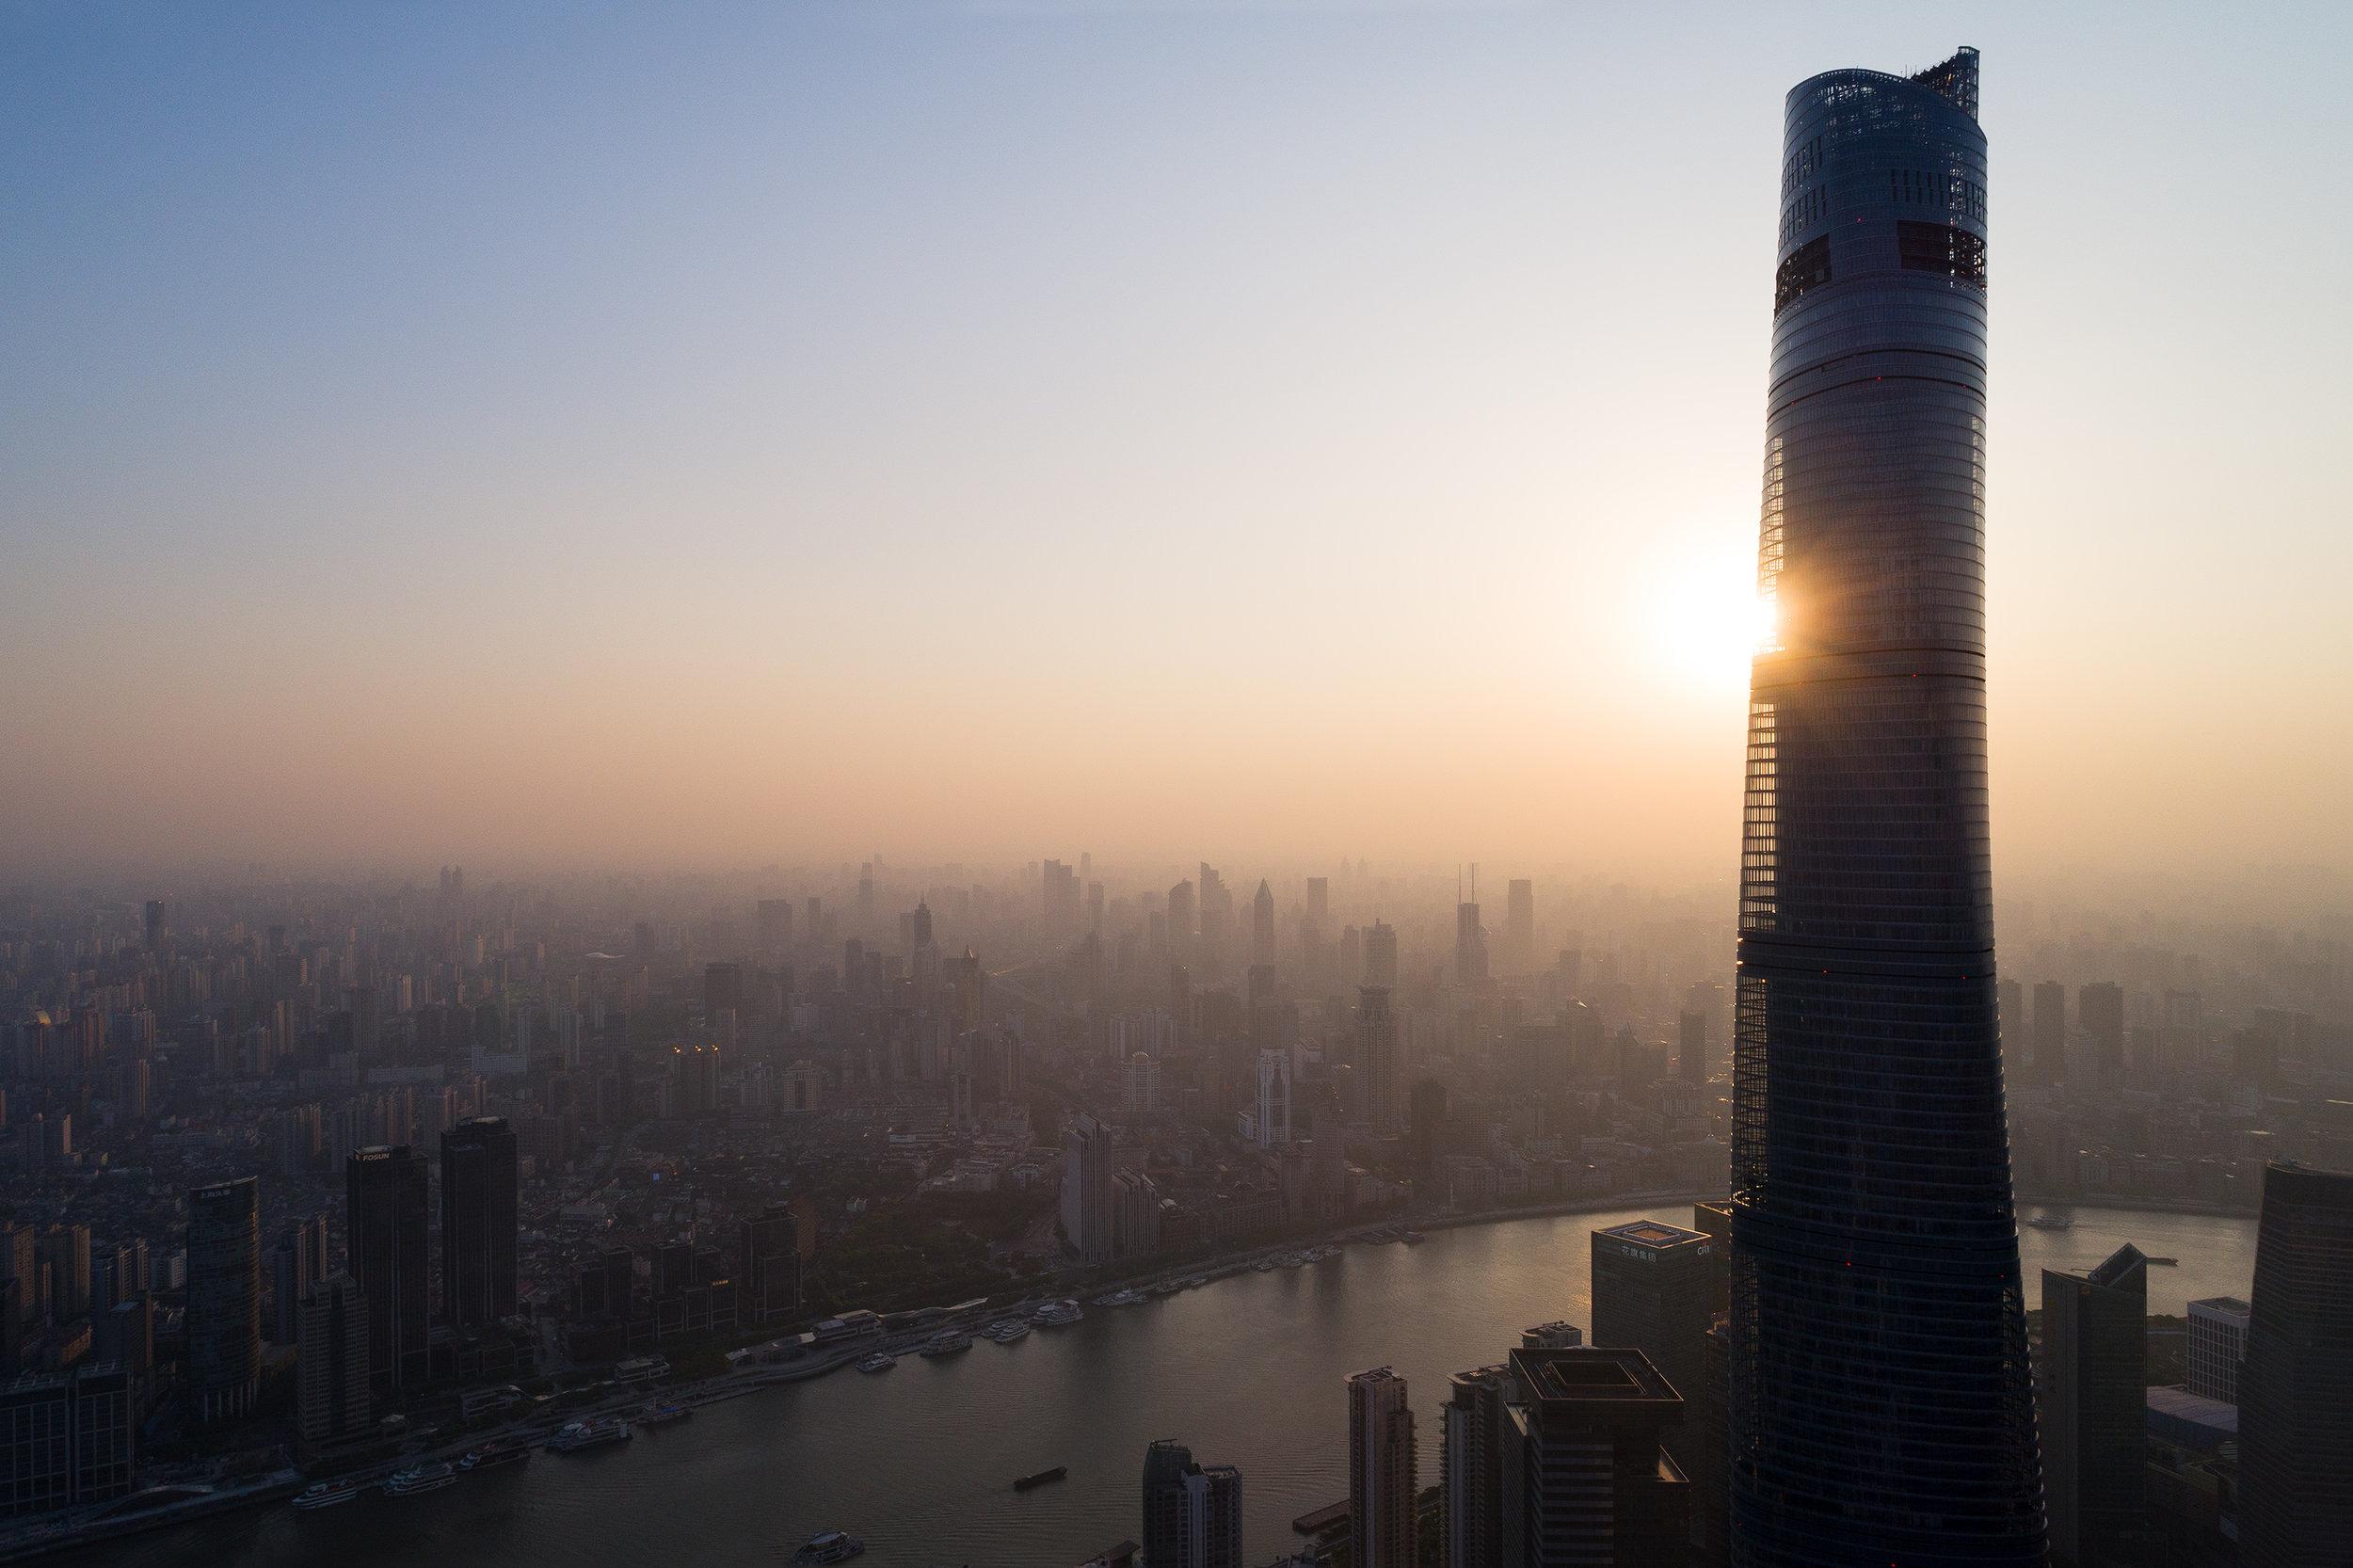 Shanghai_TowerDJI_0076.jpg